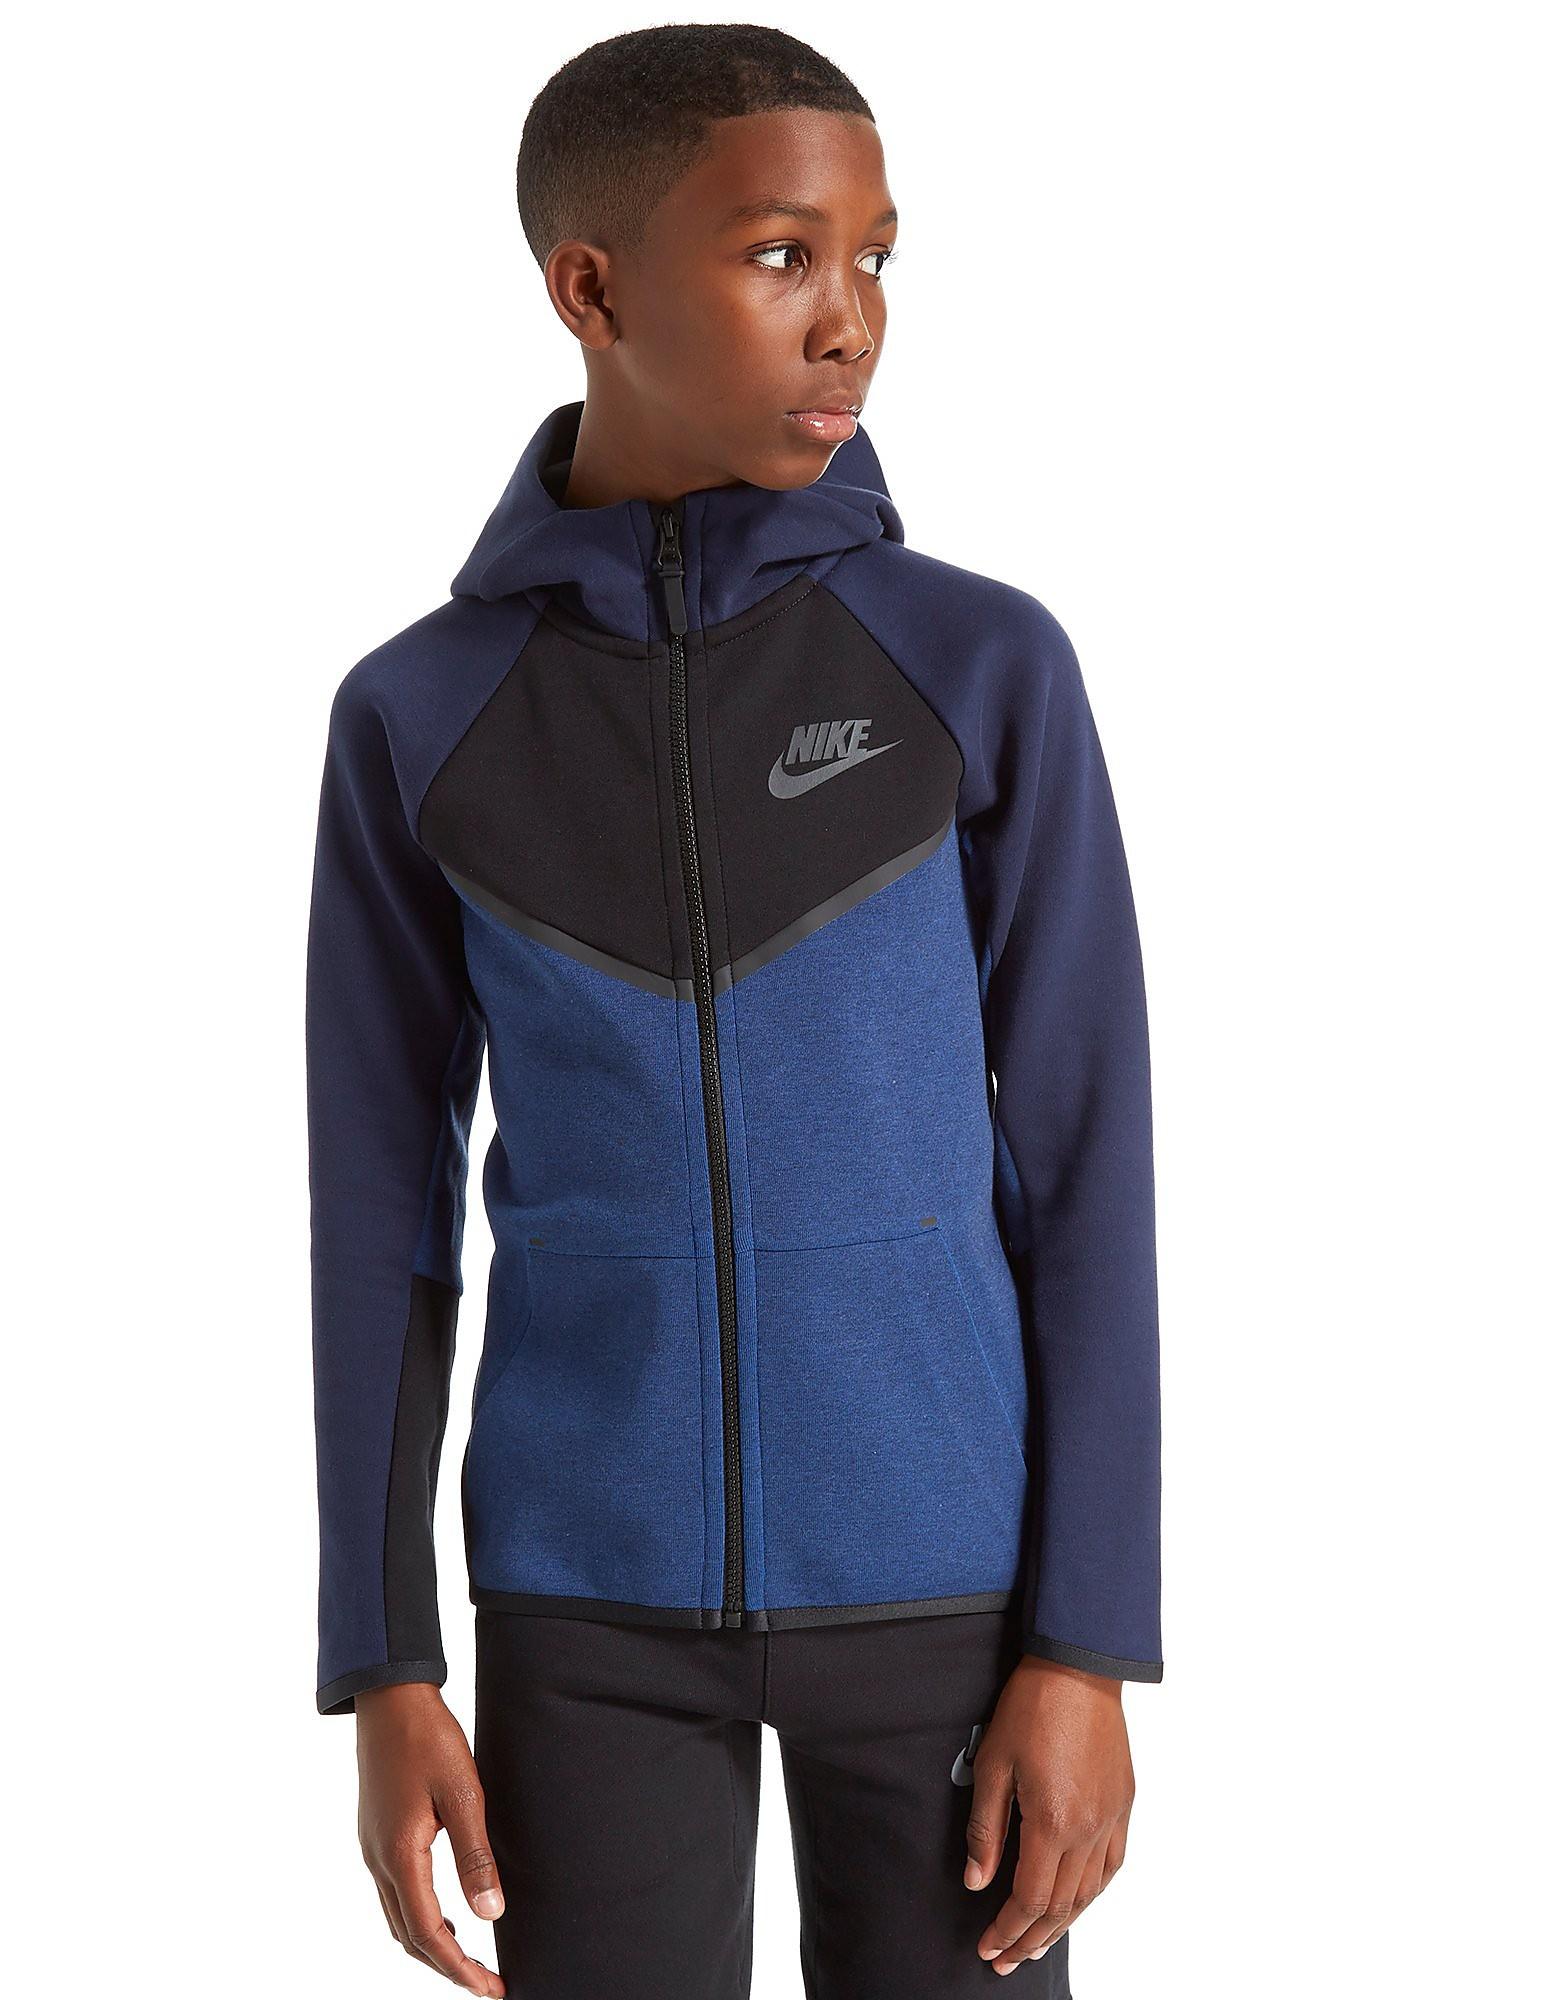 Nike chaqueta Tech Colour Block Windrunner júnior